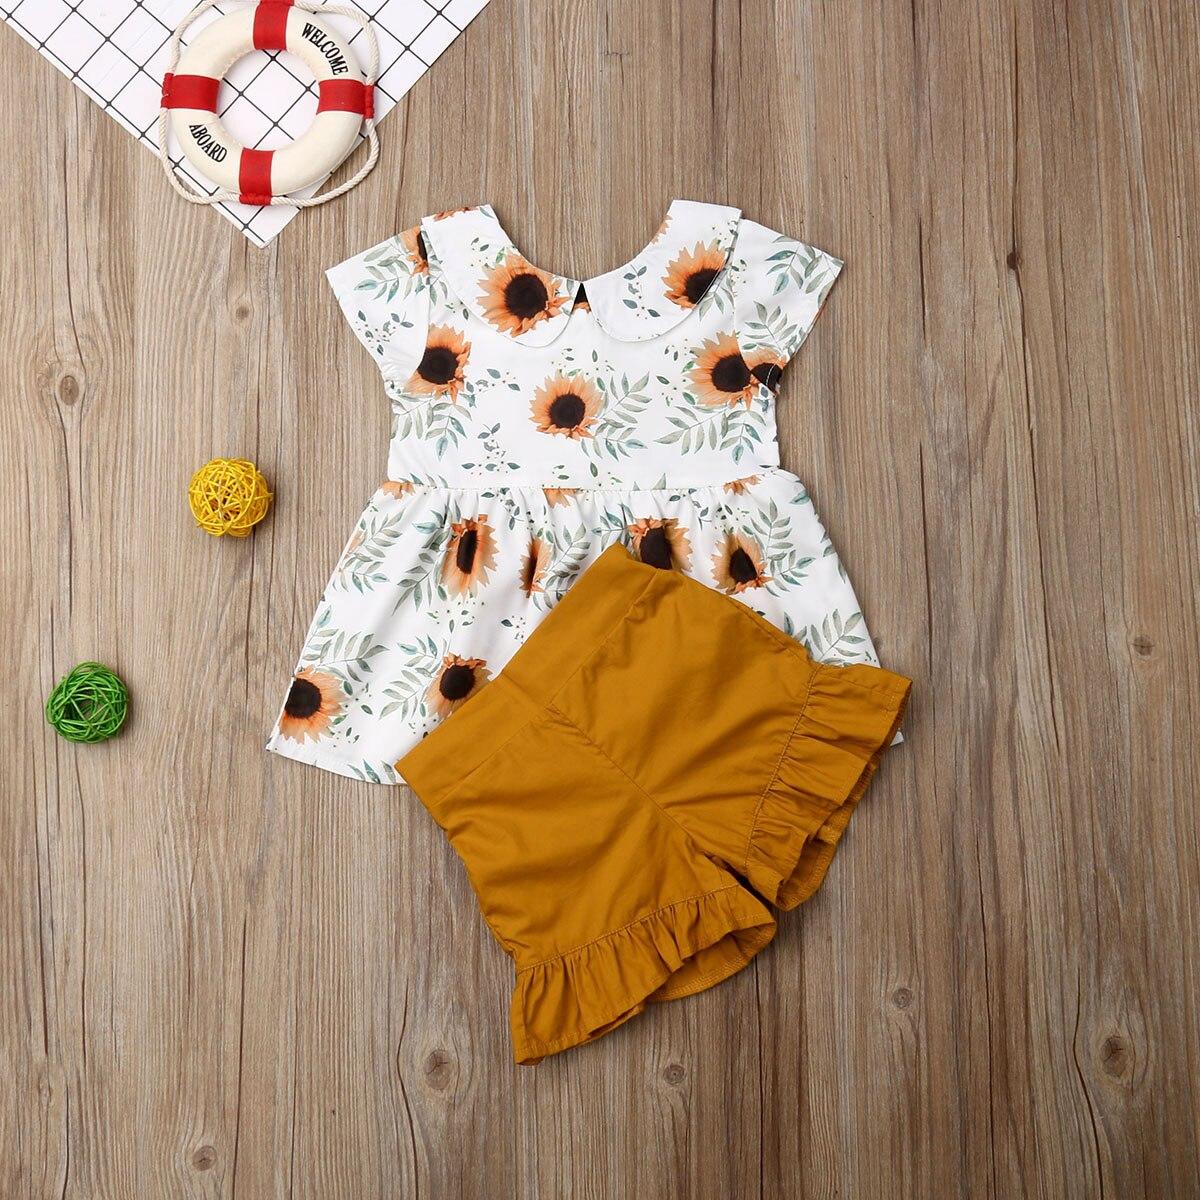 Pudcoco verano bebé Infante ropa de niña sin mangas estampado de girasol tops de princesa Ruffle pantalones cortos 2 uds trajes ropa de verano